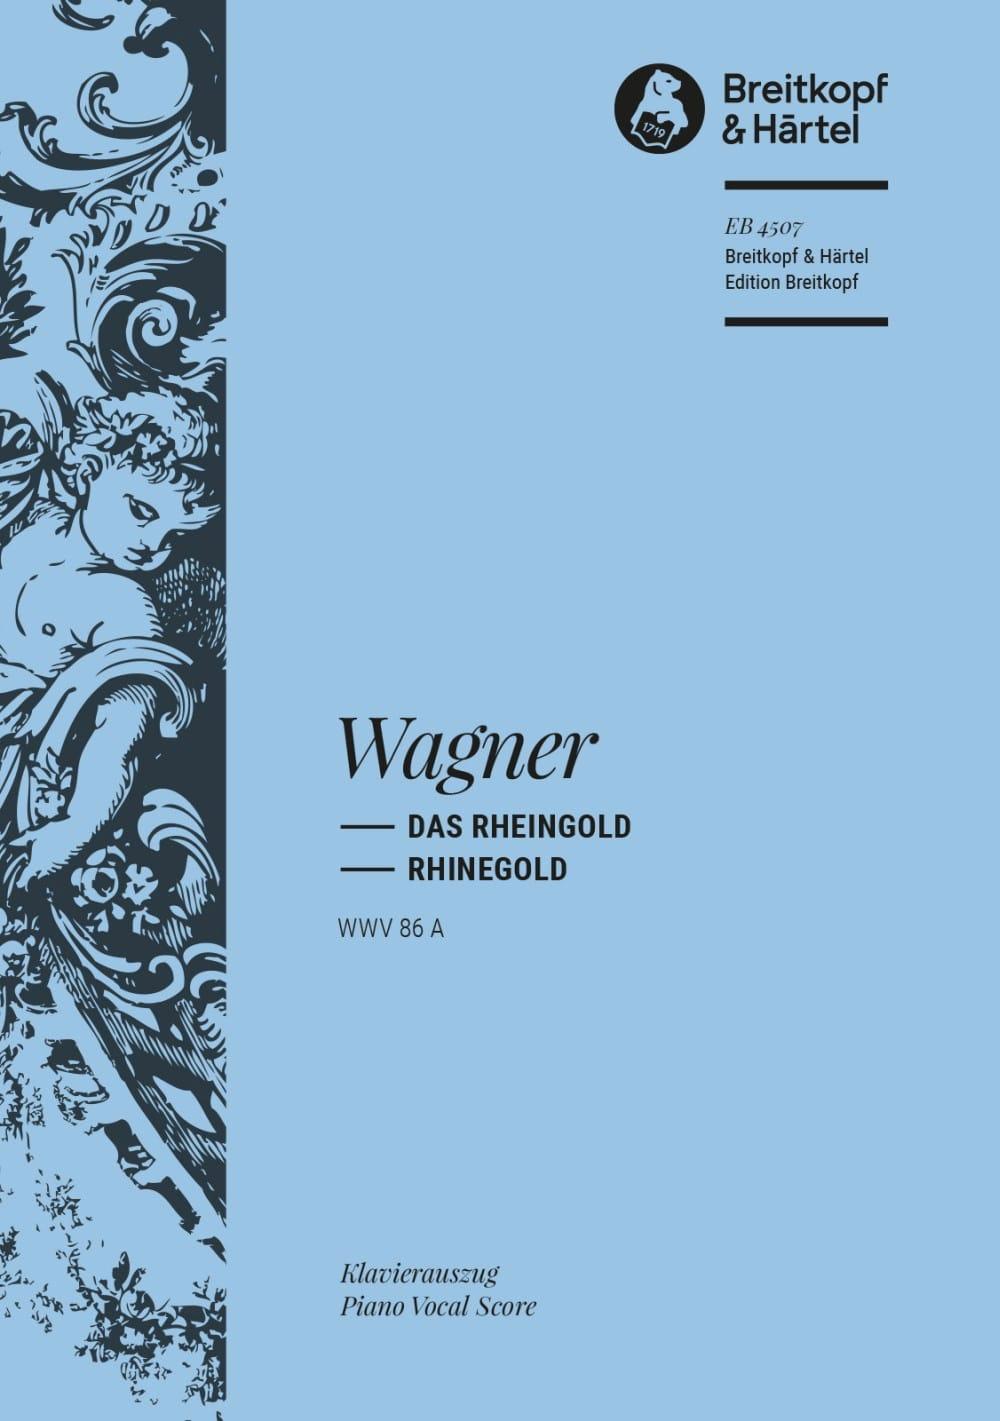 Das Rheingold Wwv 86a - WAGNER - Partition - Opéras - laflutedepan.com